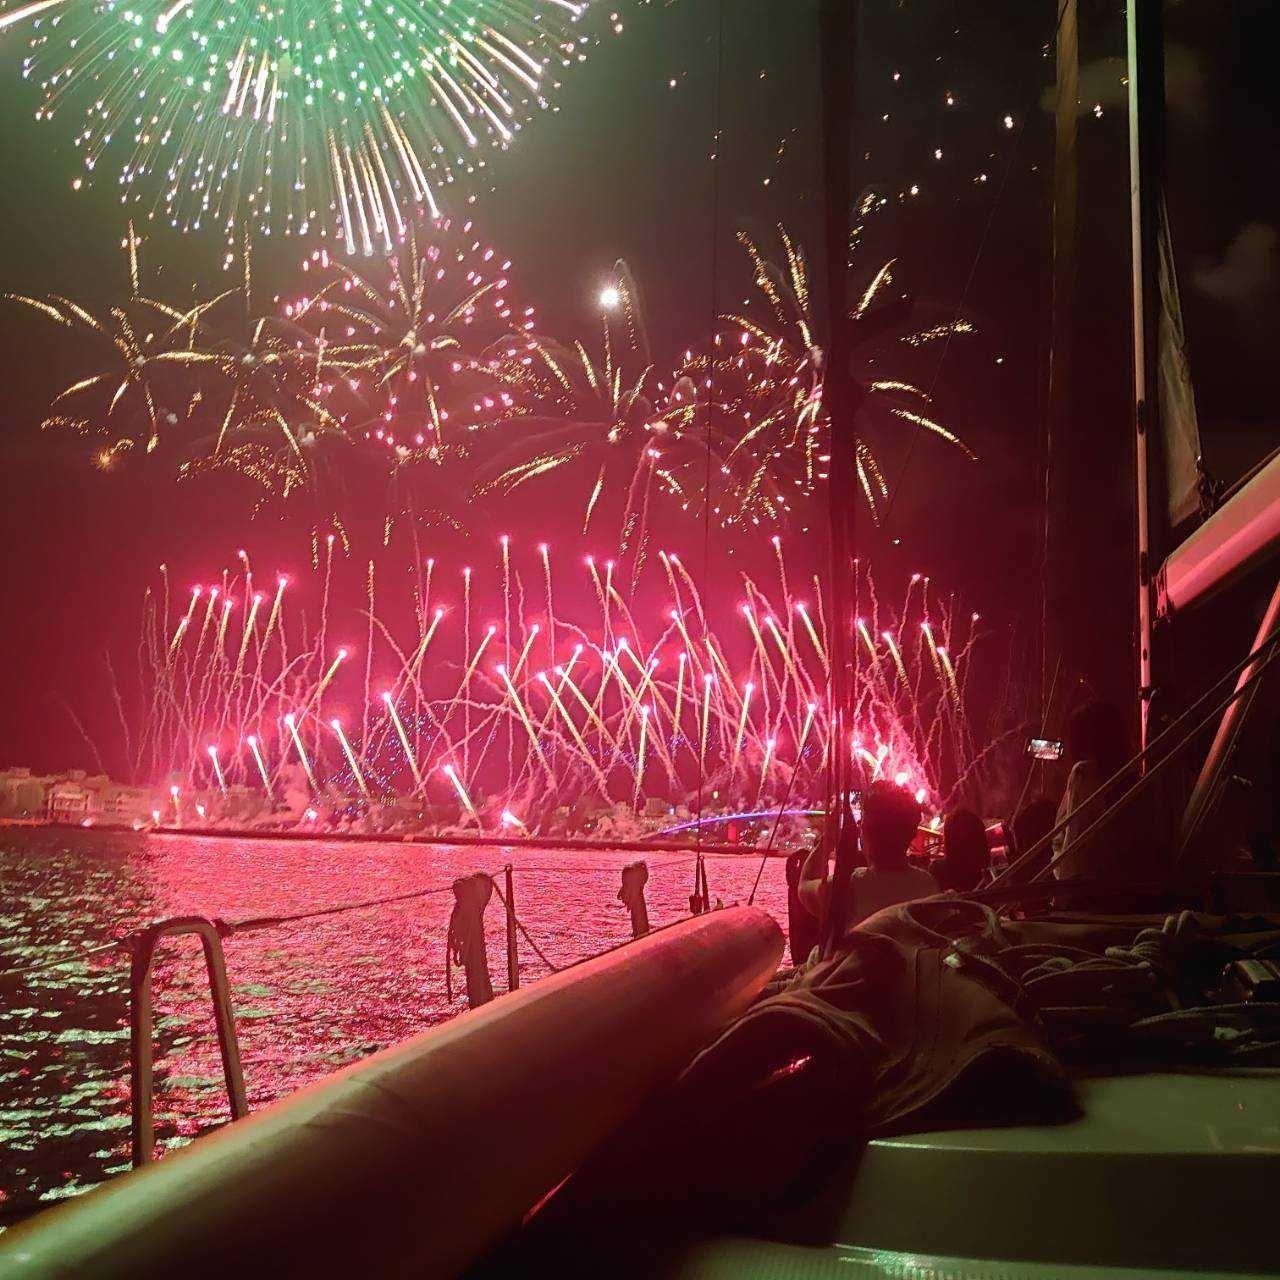 ▲與家人或三五好友在船上共度精緻晚餐,暢飲酒水賞花火。